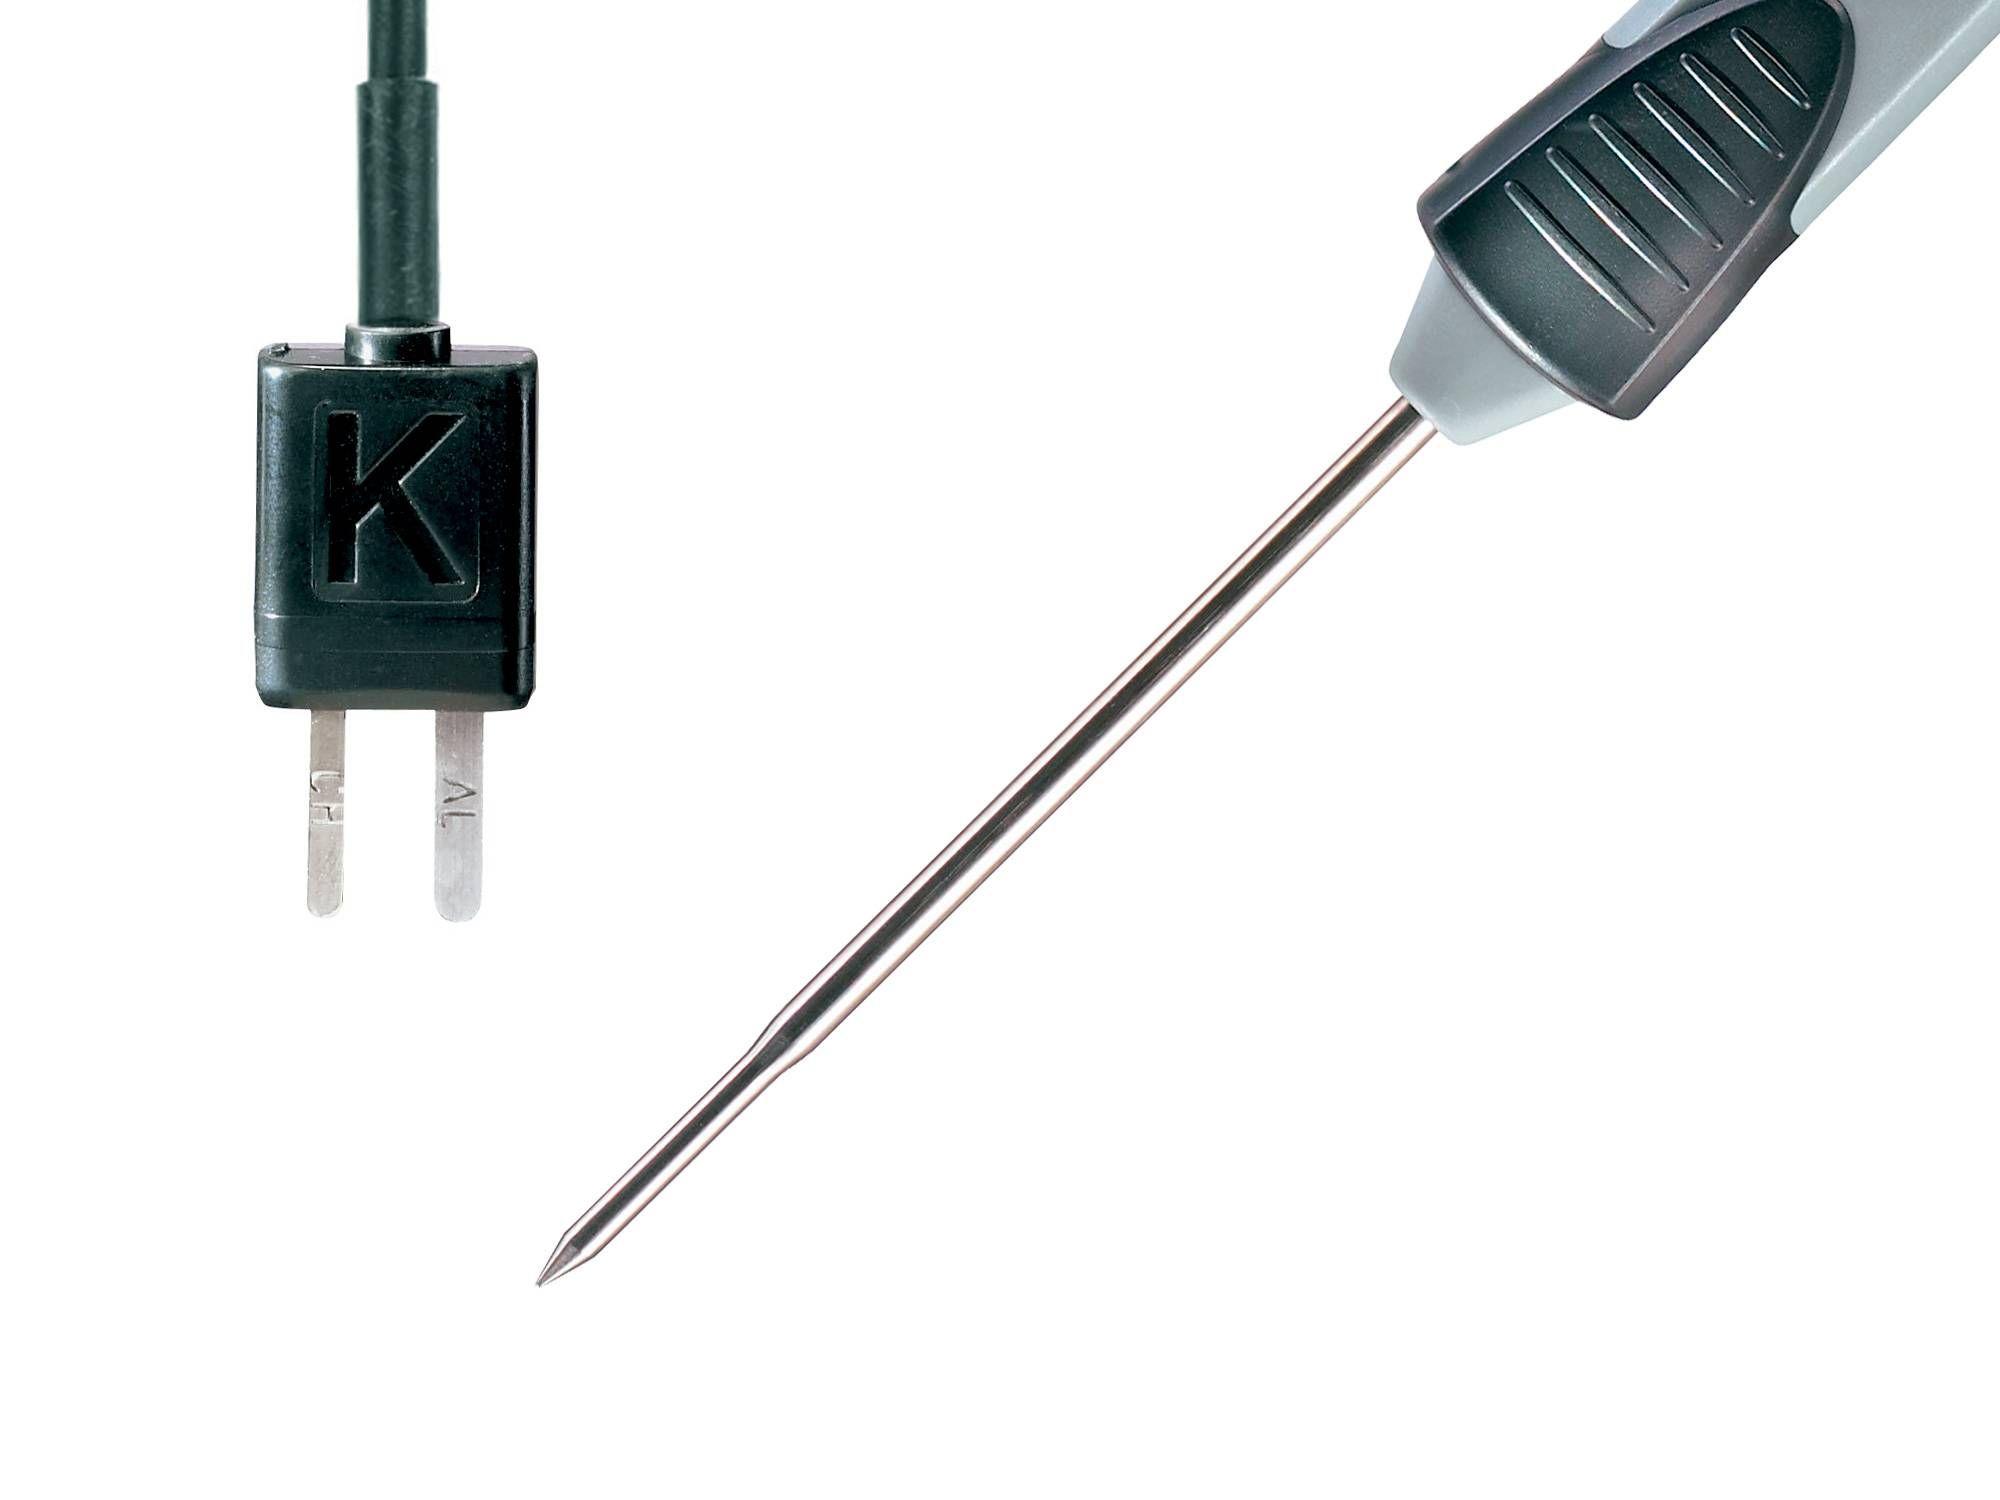 Detalle conector y punta de la sonda Testo